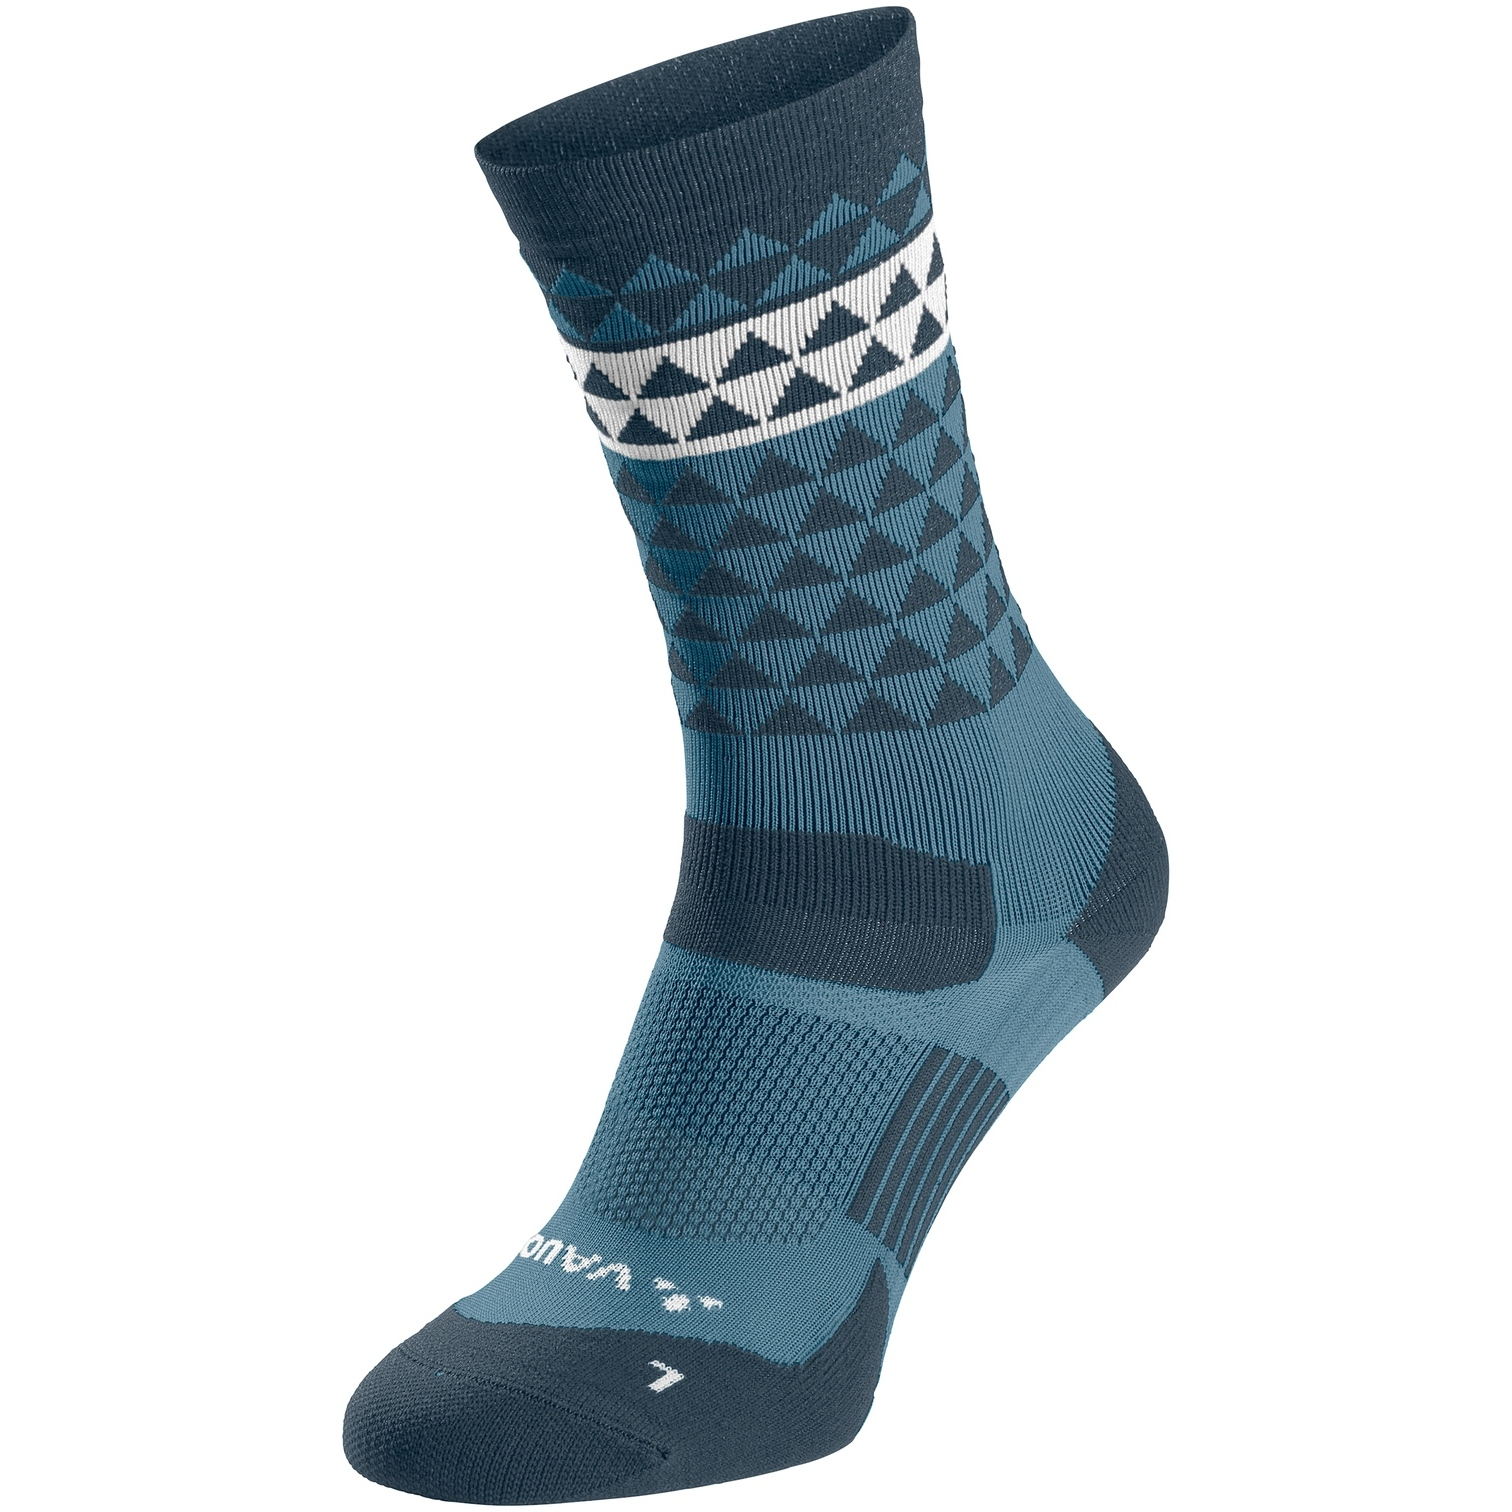 Vaude Bike Socken Mid - blue grey